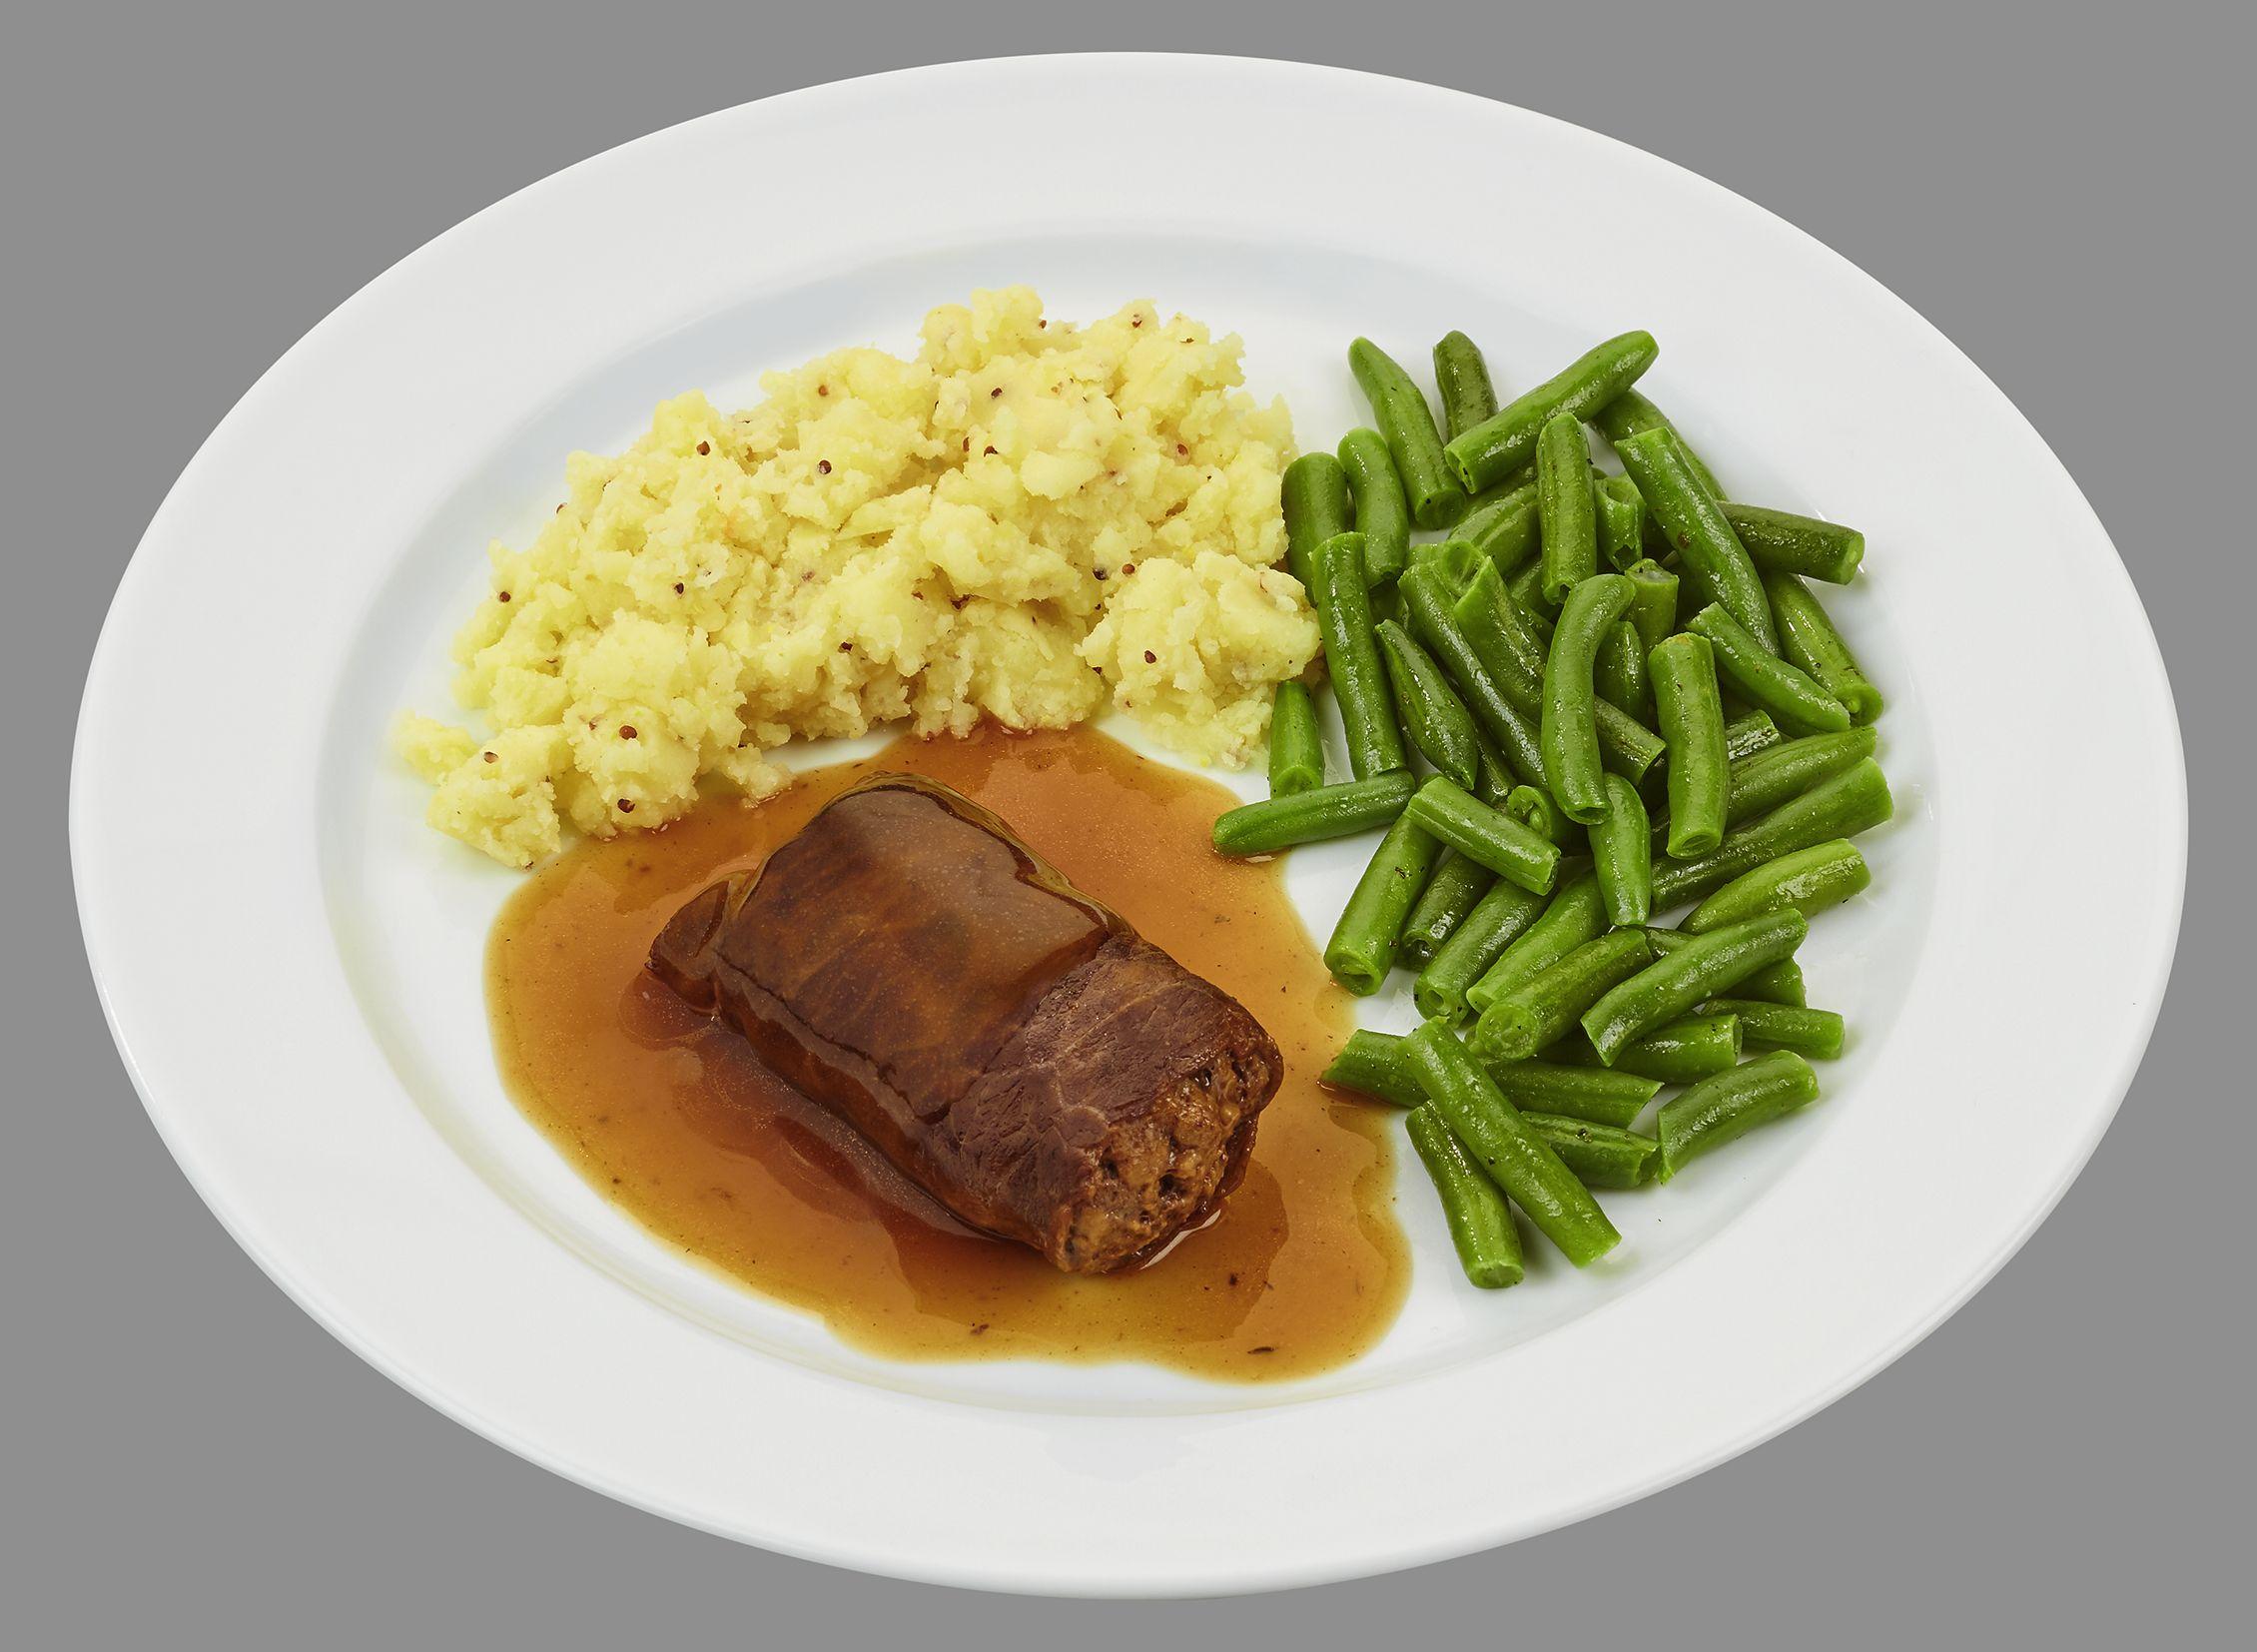 Rinderroulade mit Hackfleischfüllung, dazu grüne Bohnen und Kartoffel-Senf-Stampf